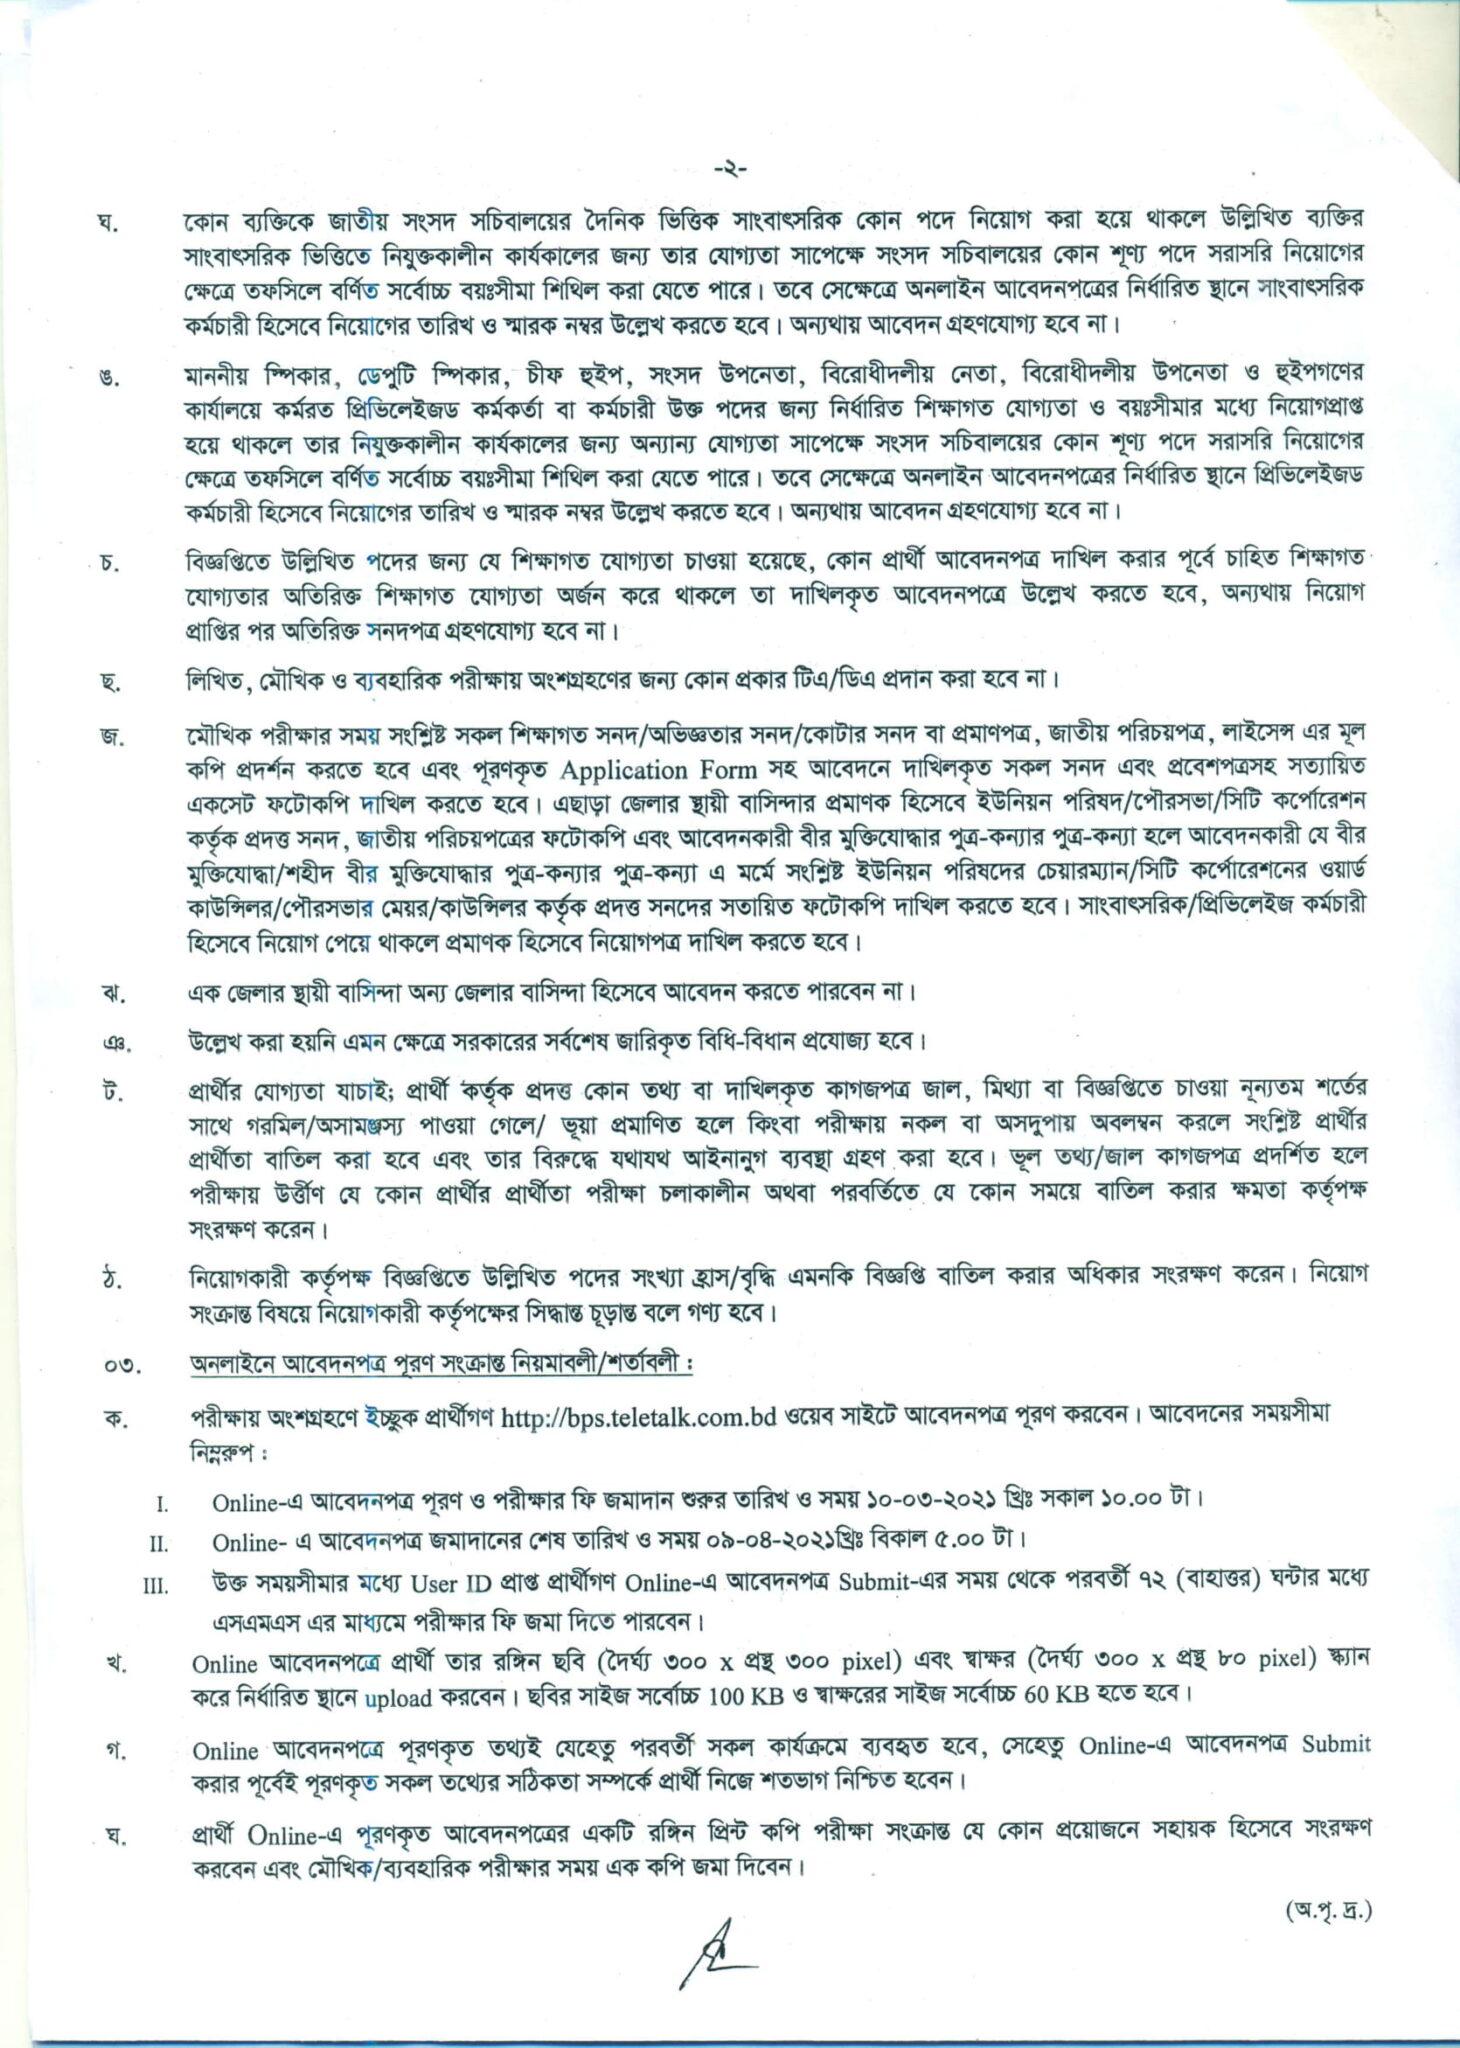 BPS Job Circular 2021 - Bangladesh Parliament Job Circular 2021